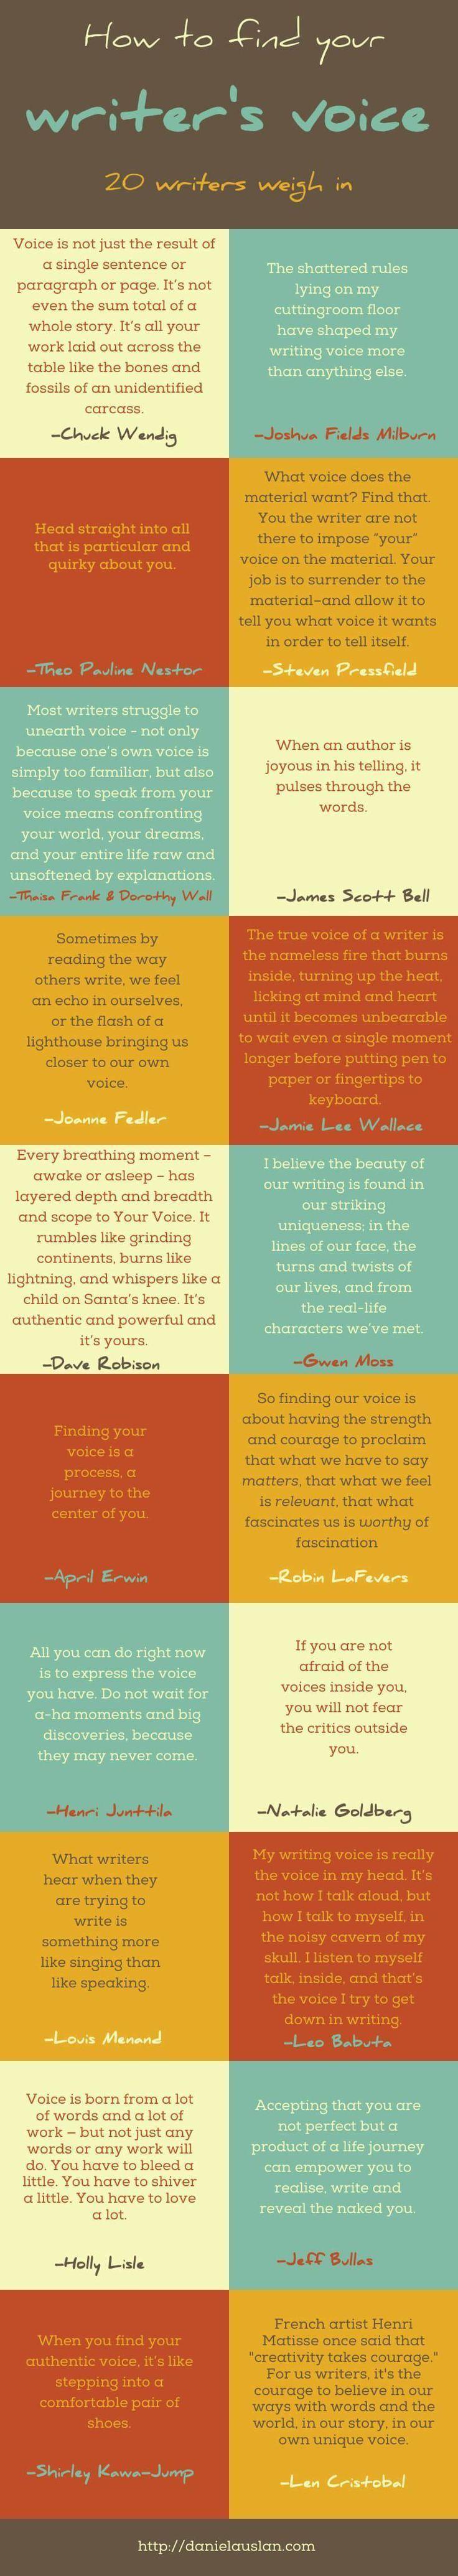 Firefly Creative Writing